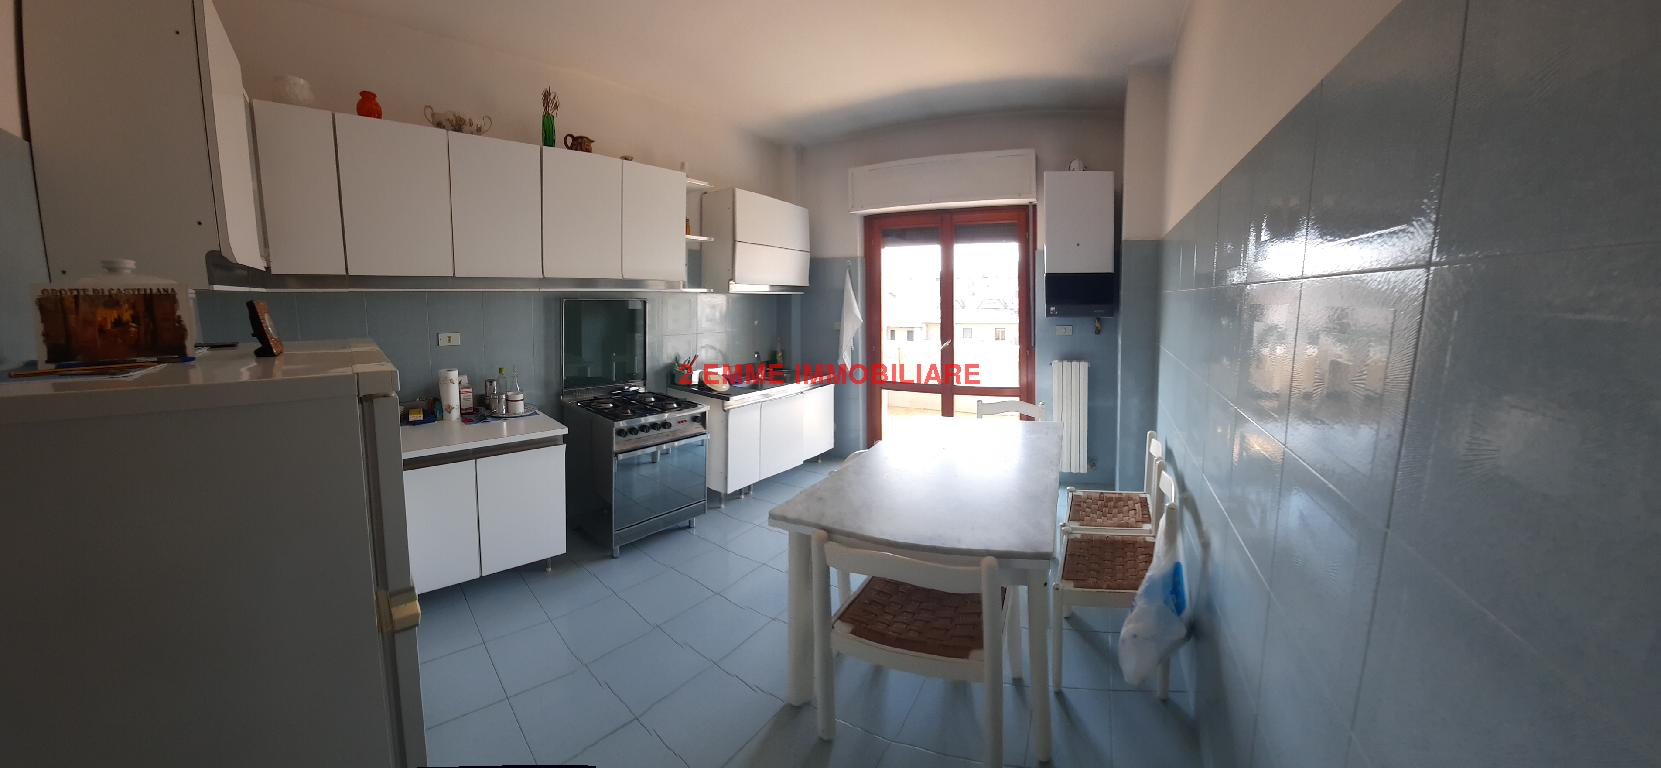 Appartamento ASCOLI PICENO 3972